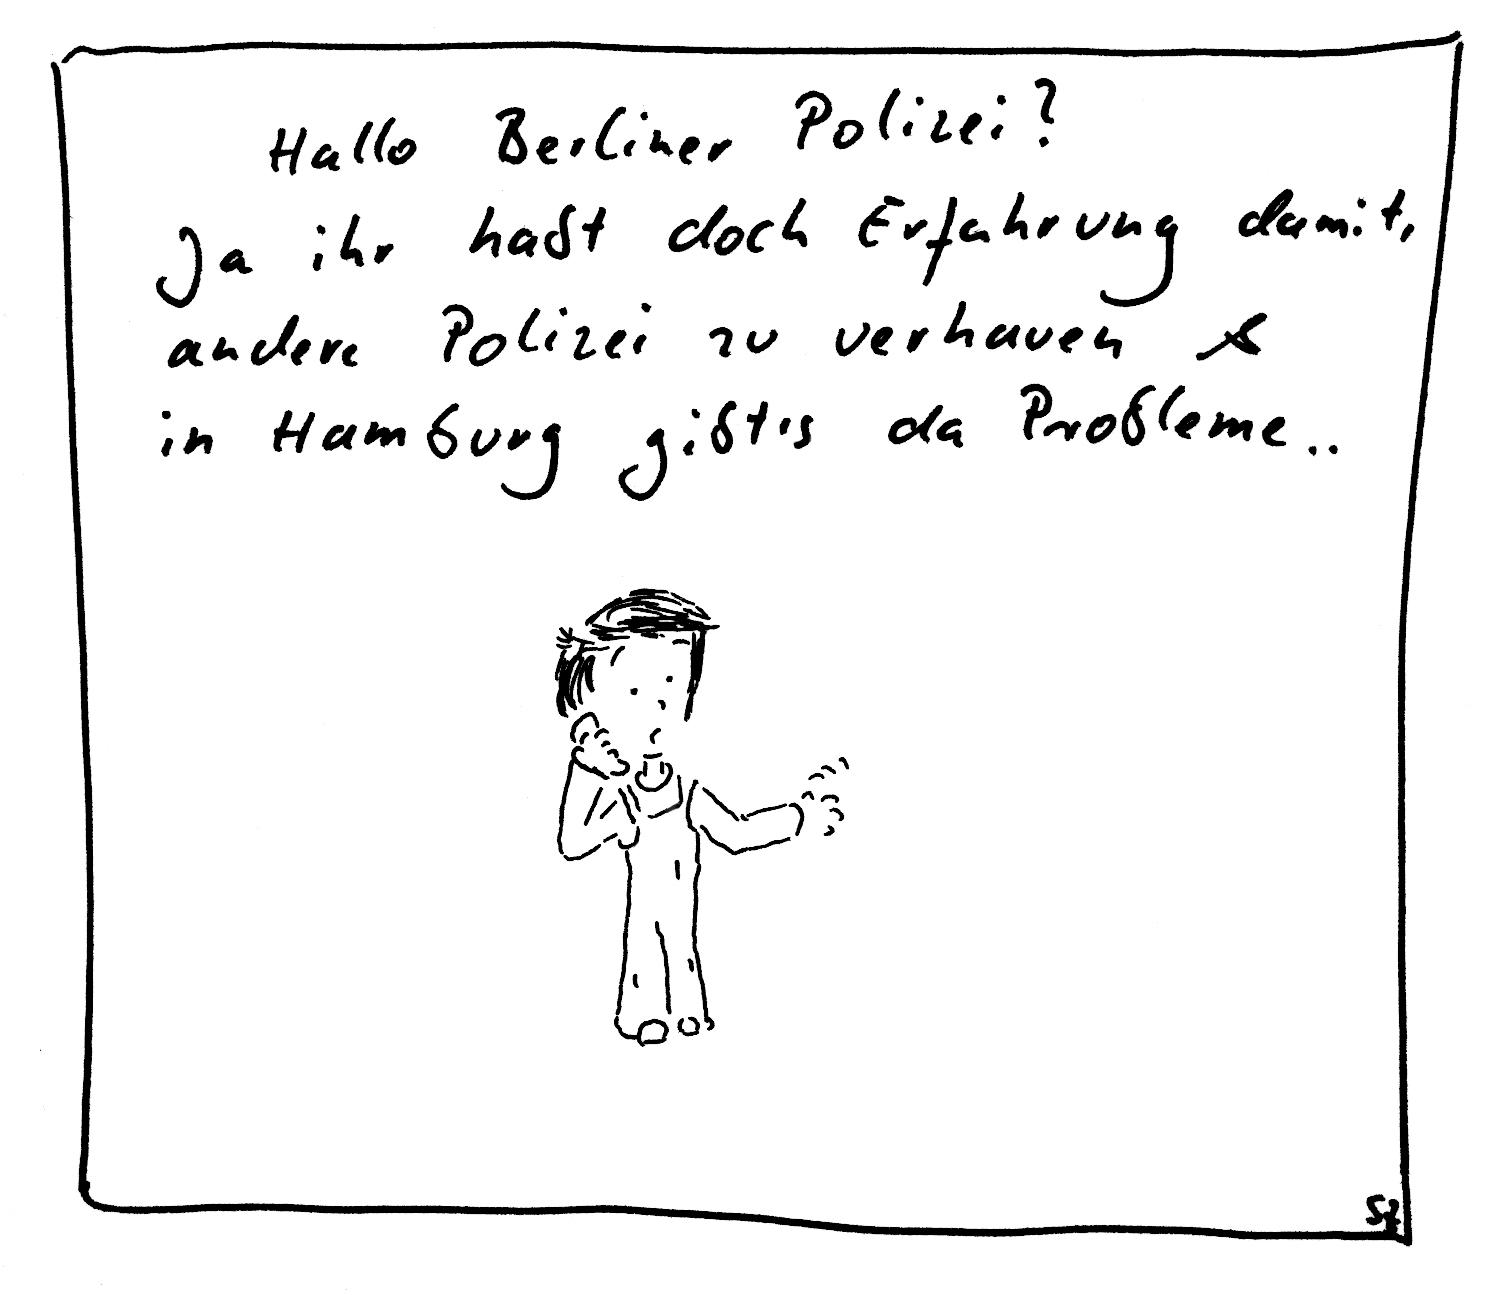 Polizei-weil-Polizei